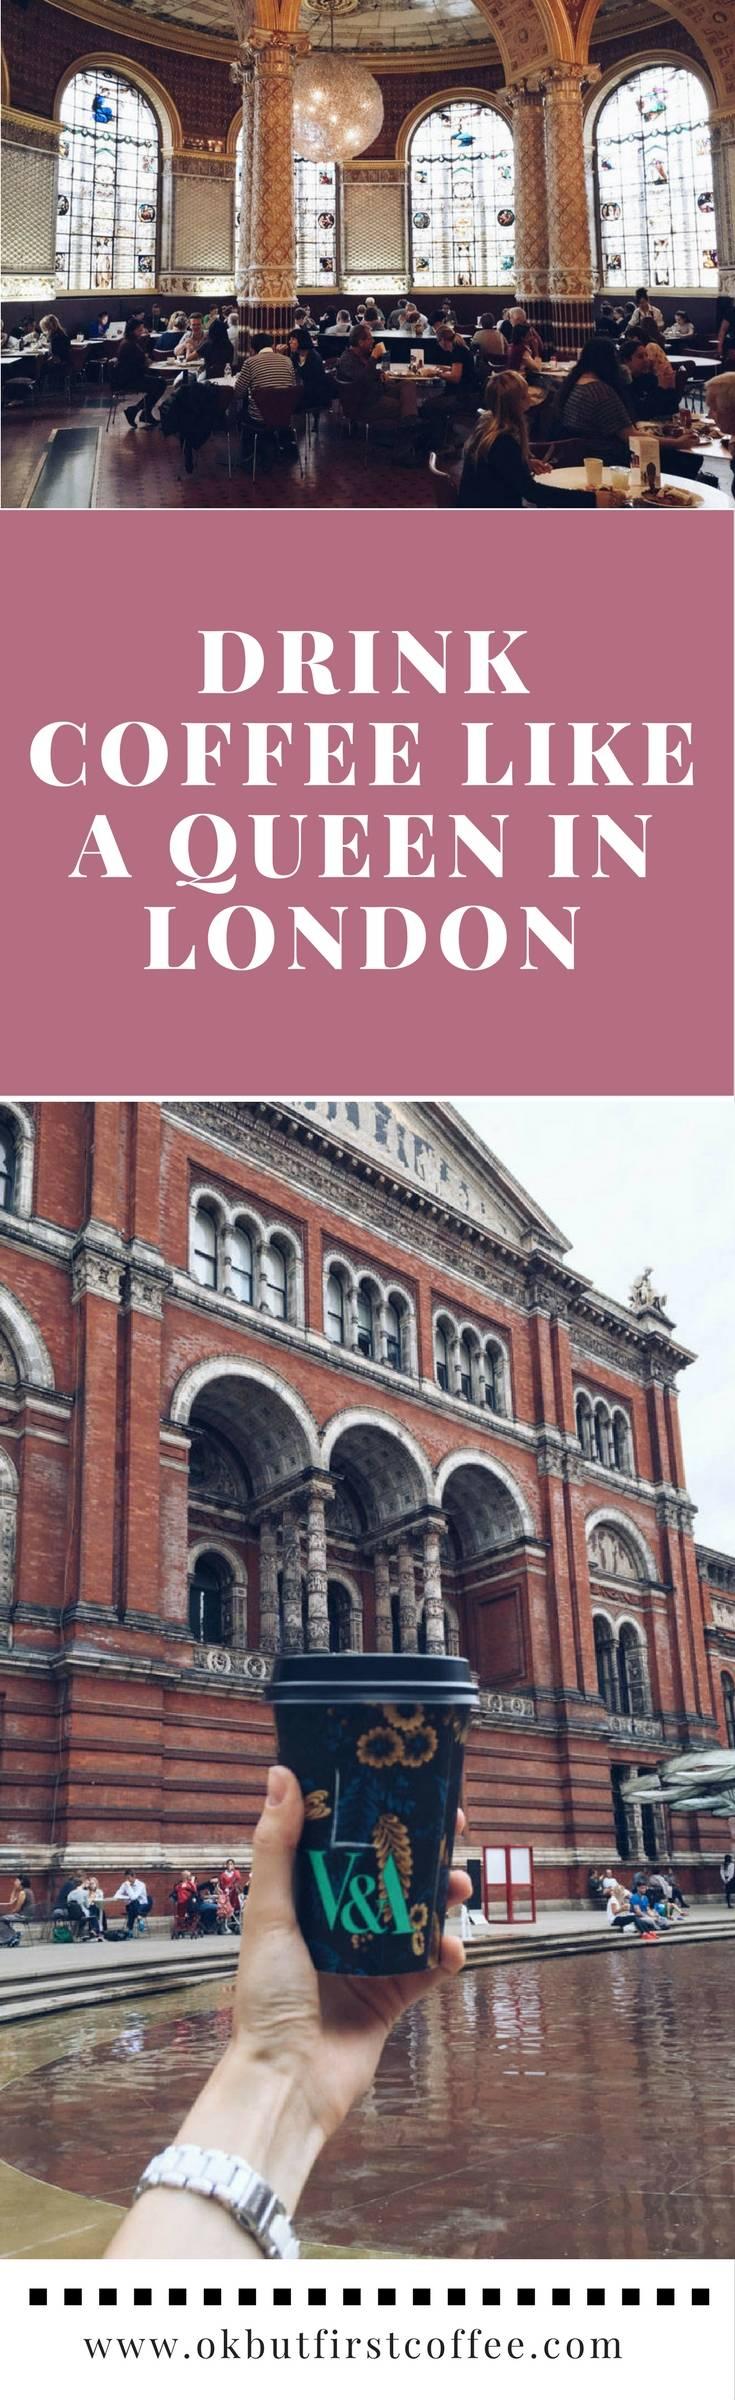 Hidden London Coffee Shop Victoria and Albert Museum